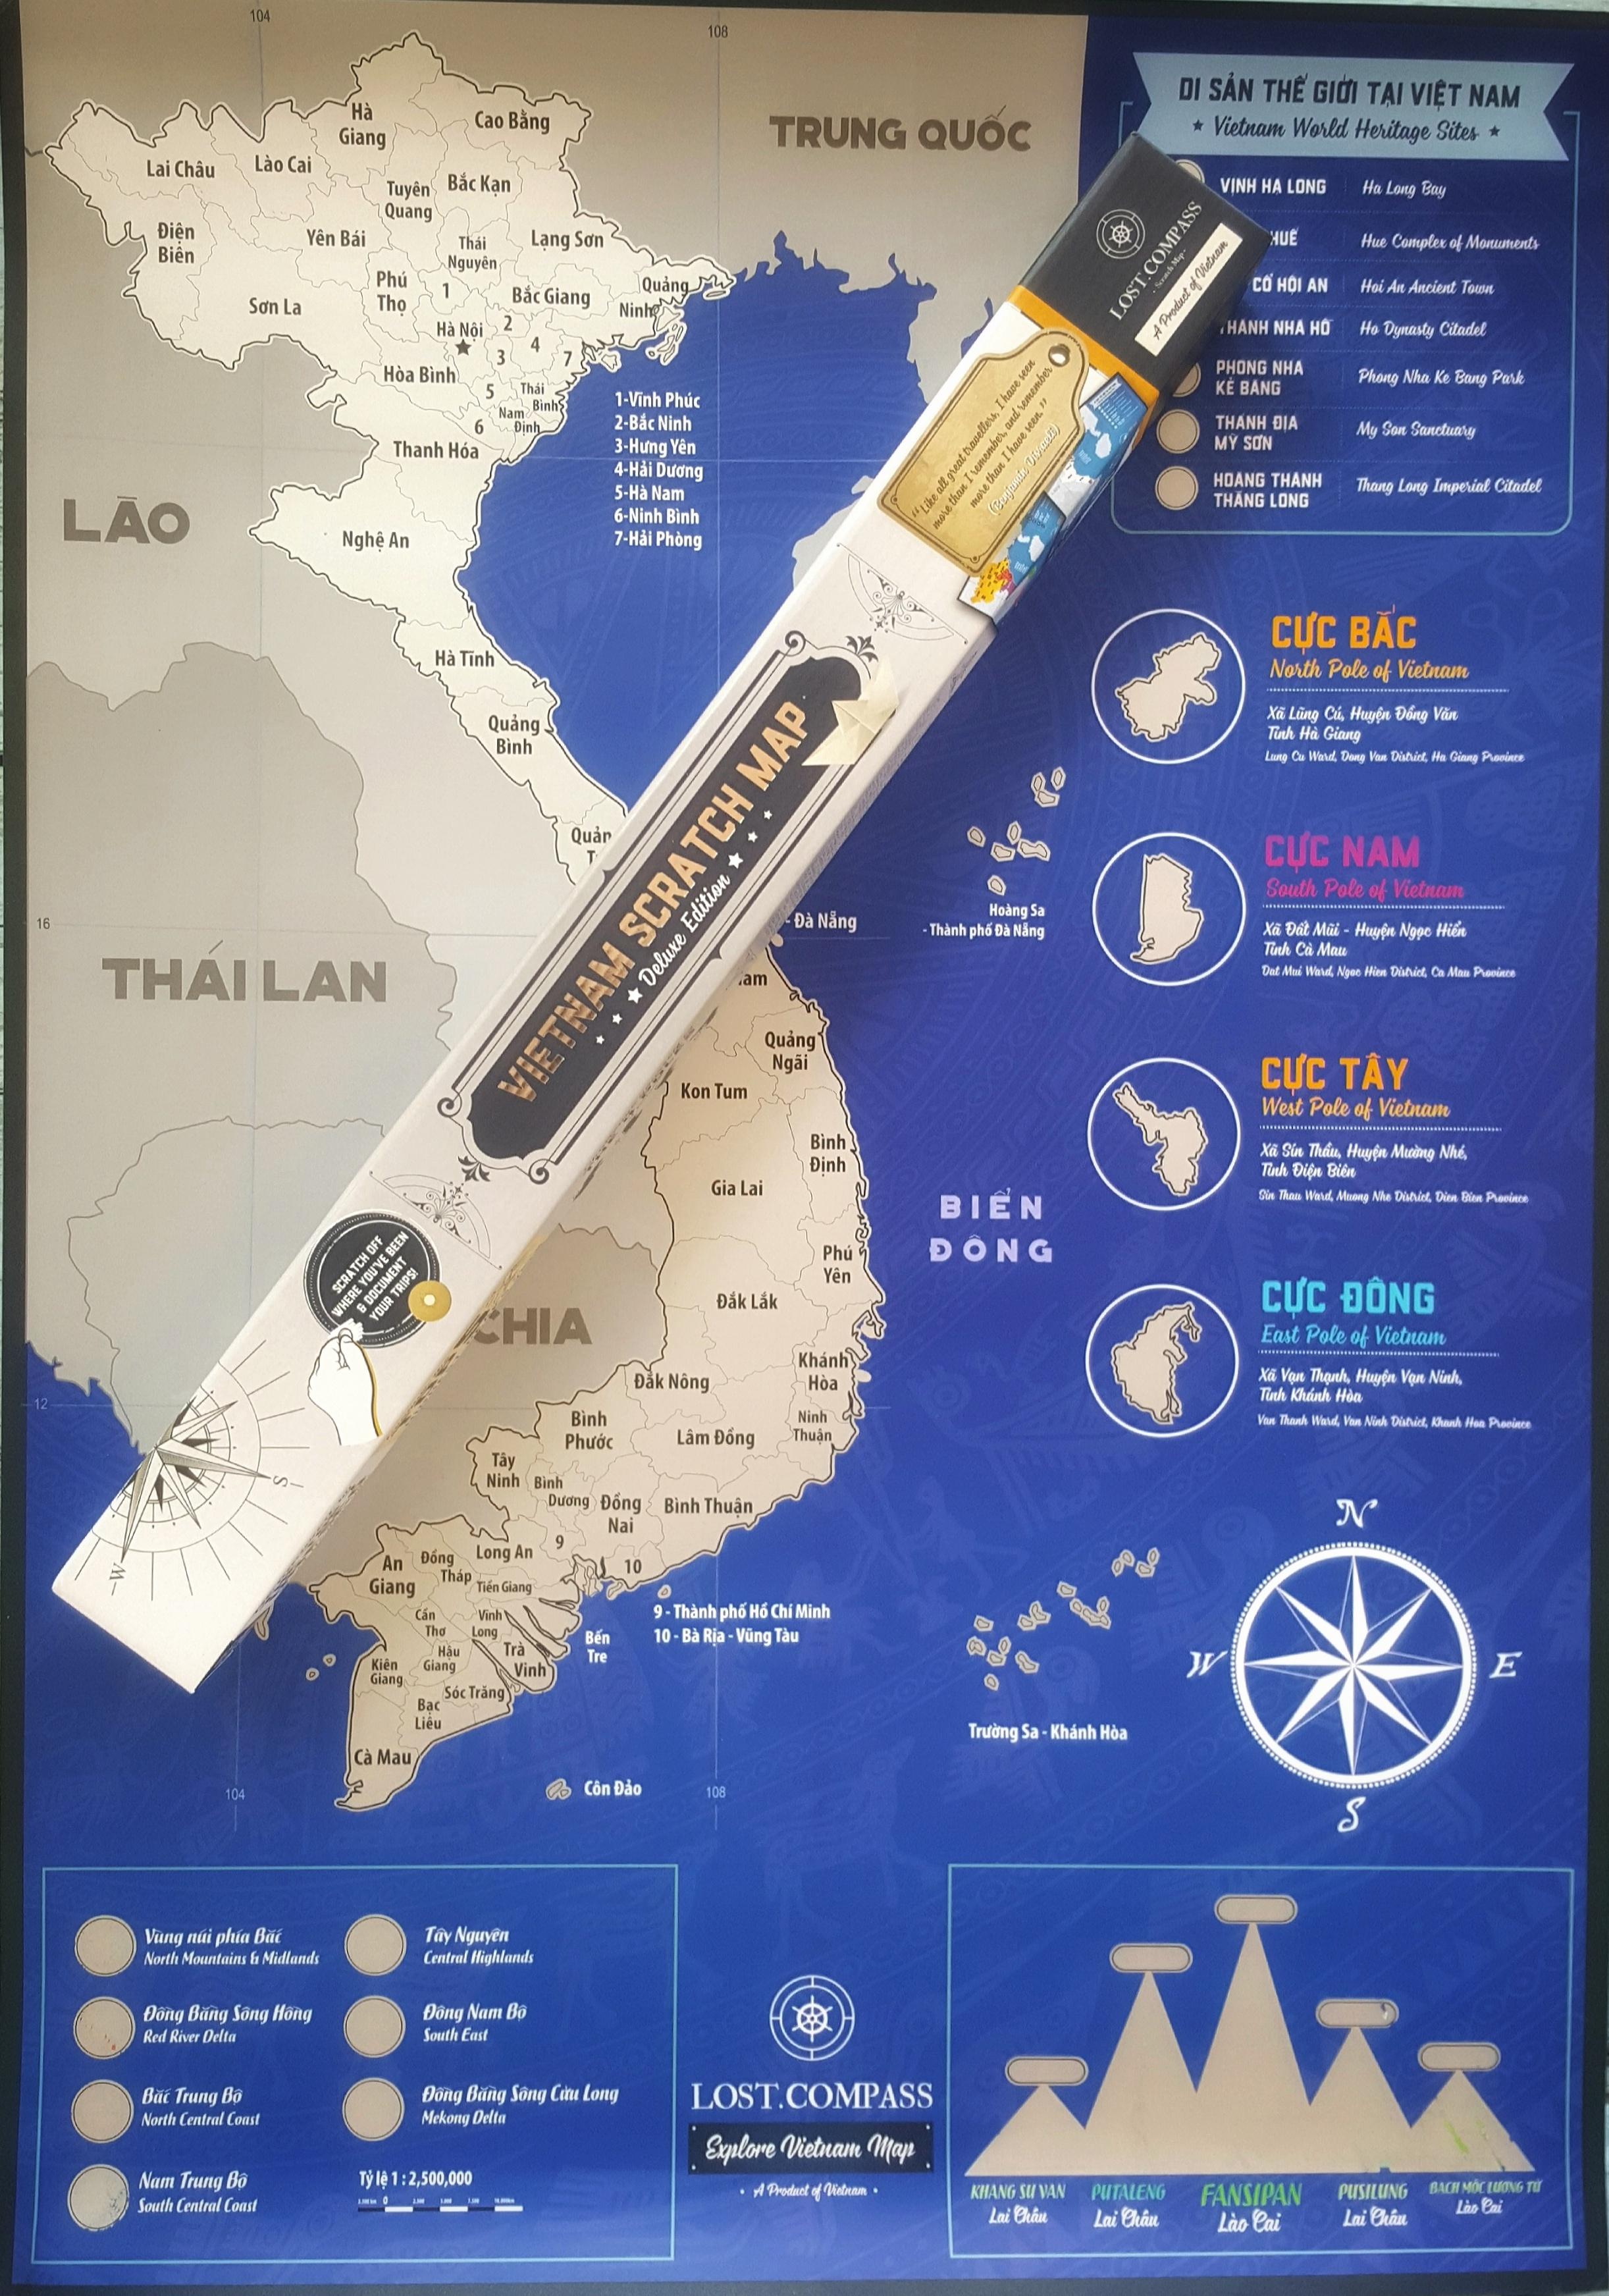 Bản đồ cào Việt Nam phiên bản Bạc - Vietnam Scratch Map Silver Deluxe Edition